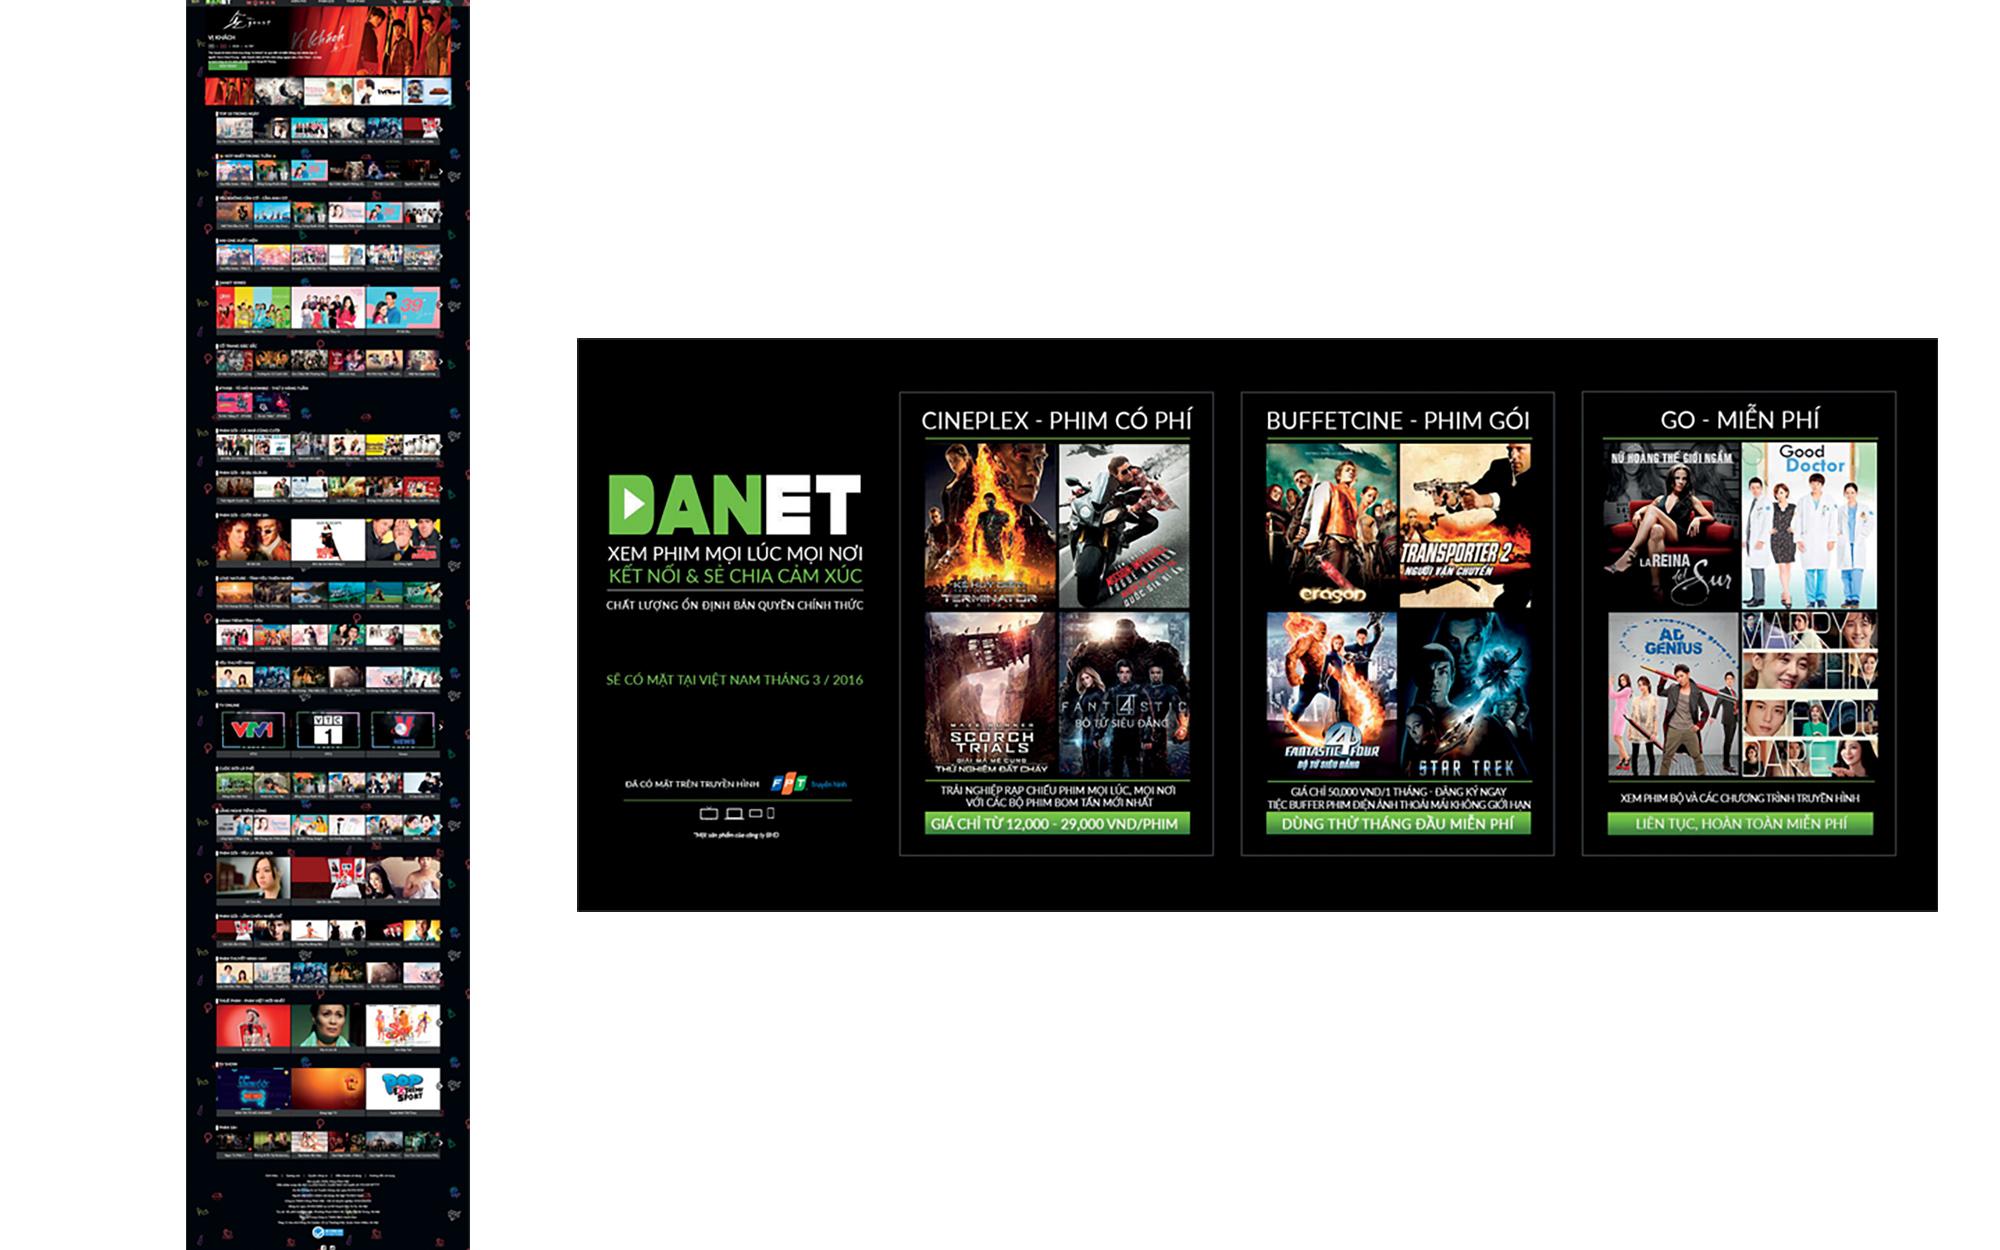 xem phim tại ứng dụng danet